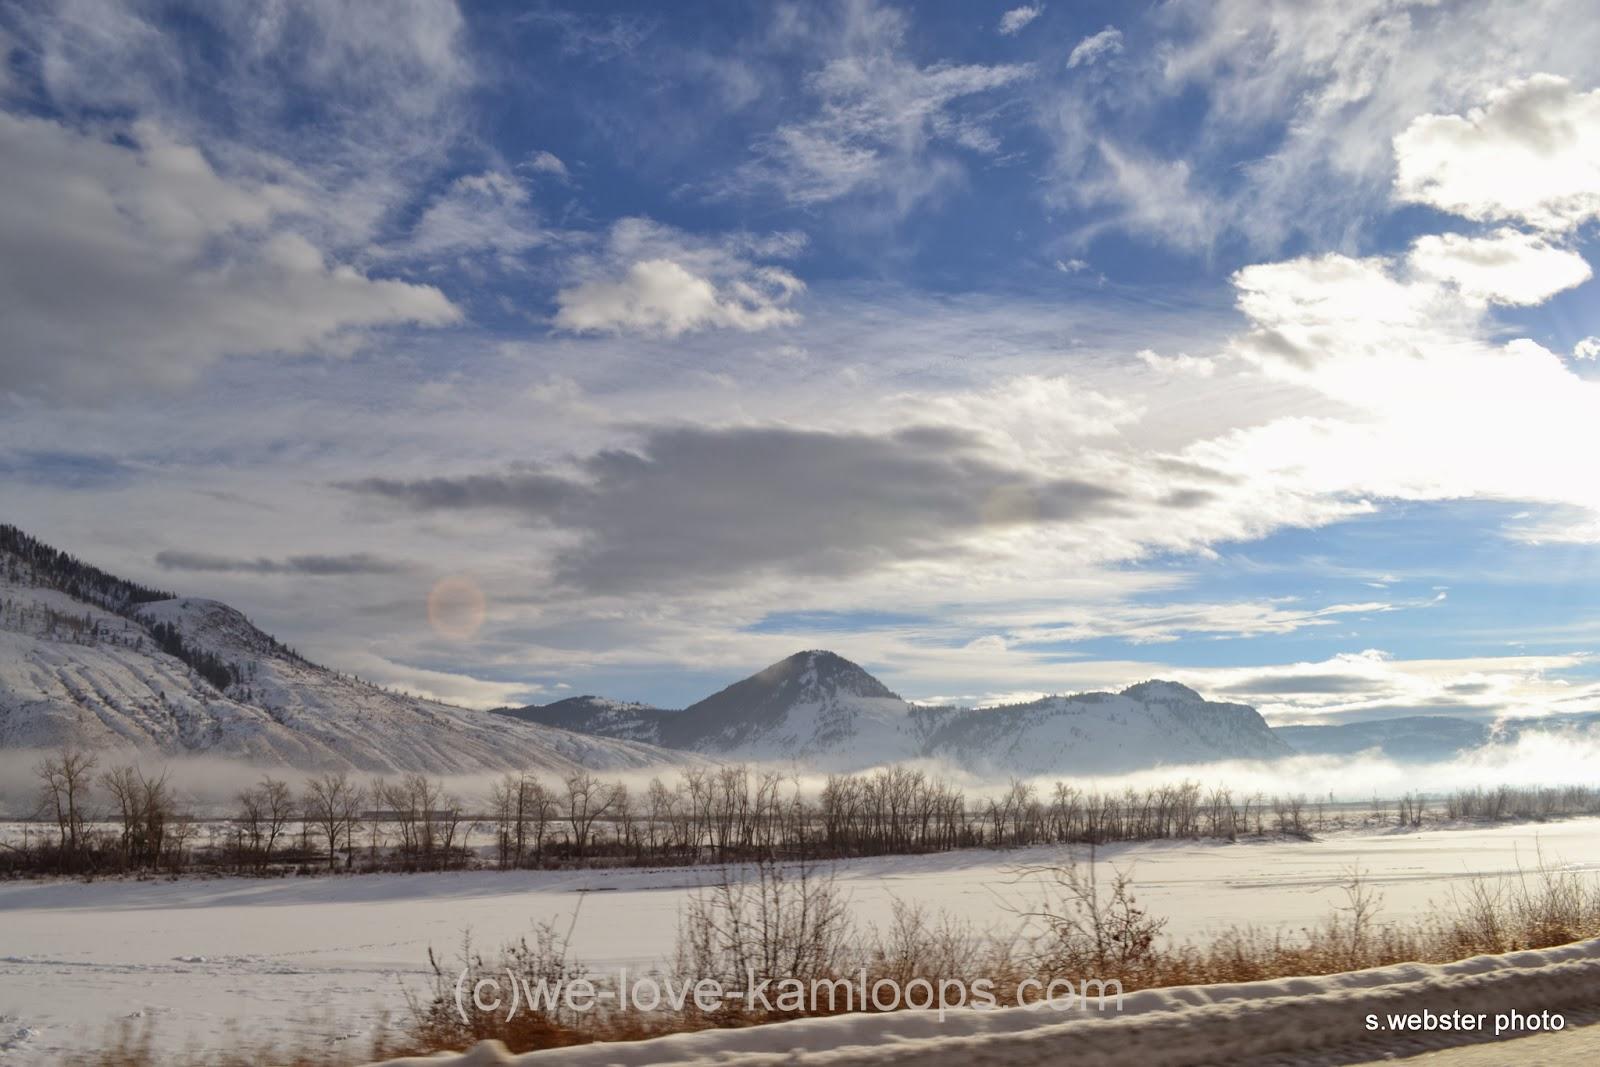 We Love Kamloops Winter Wonderland In Kamloops Bc